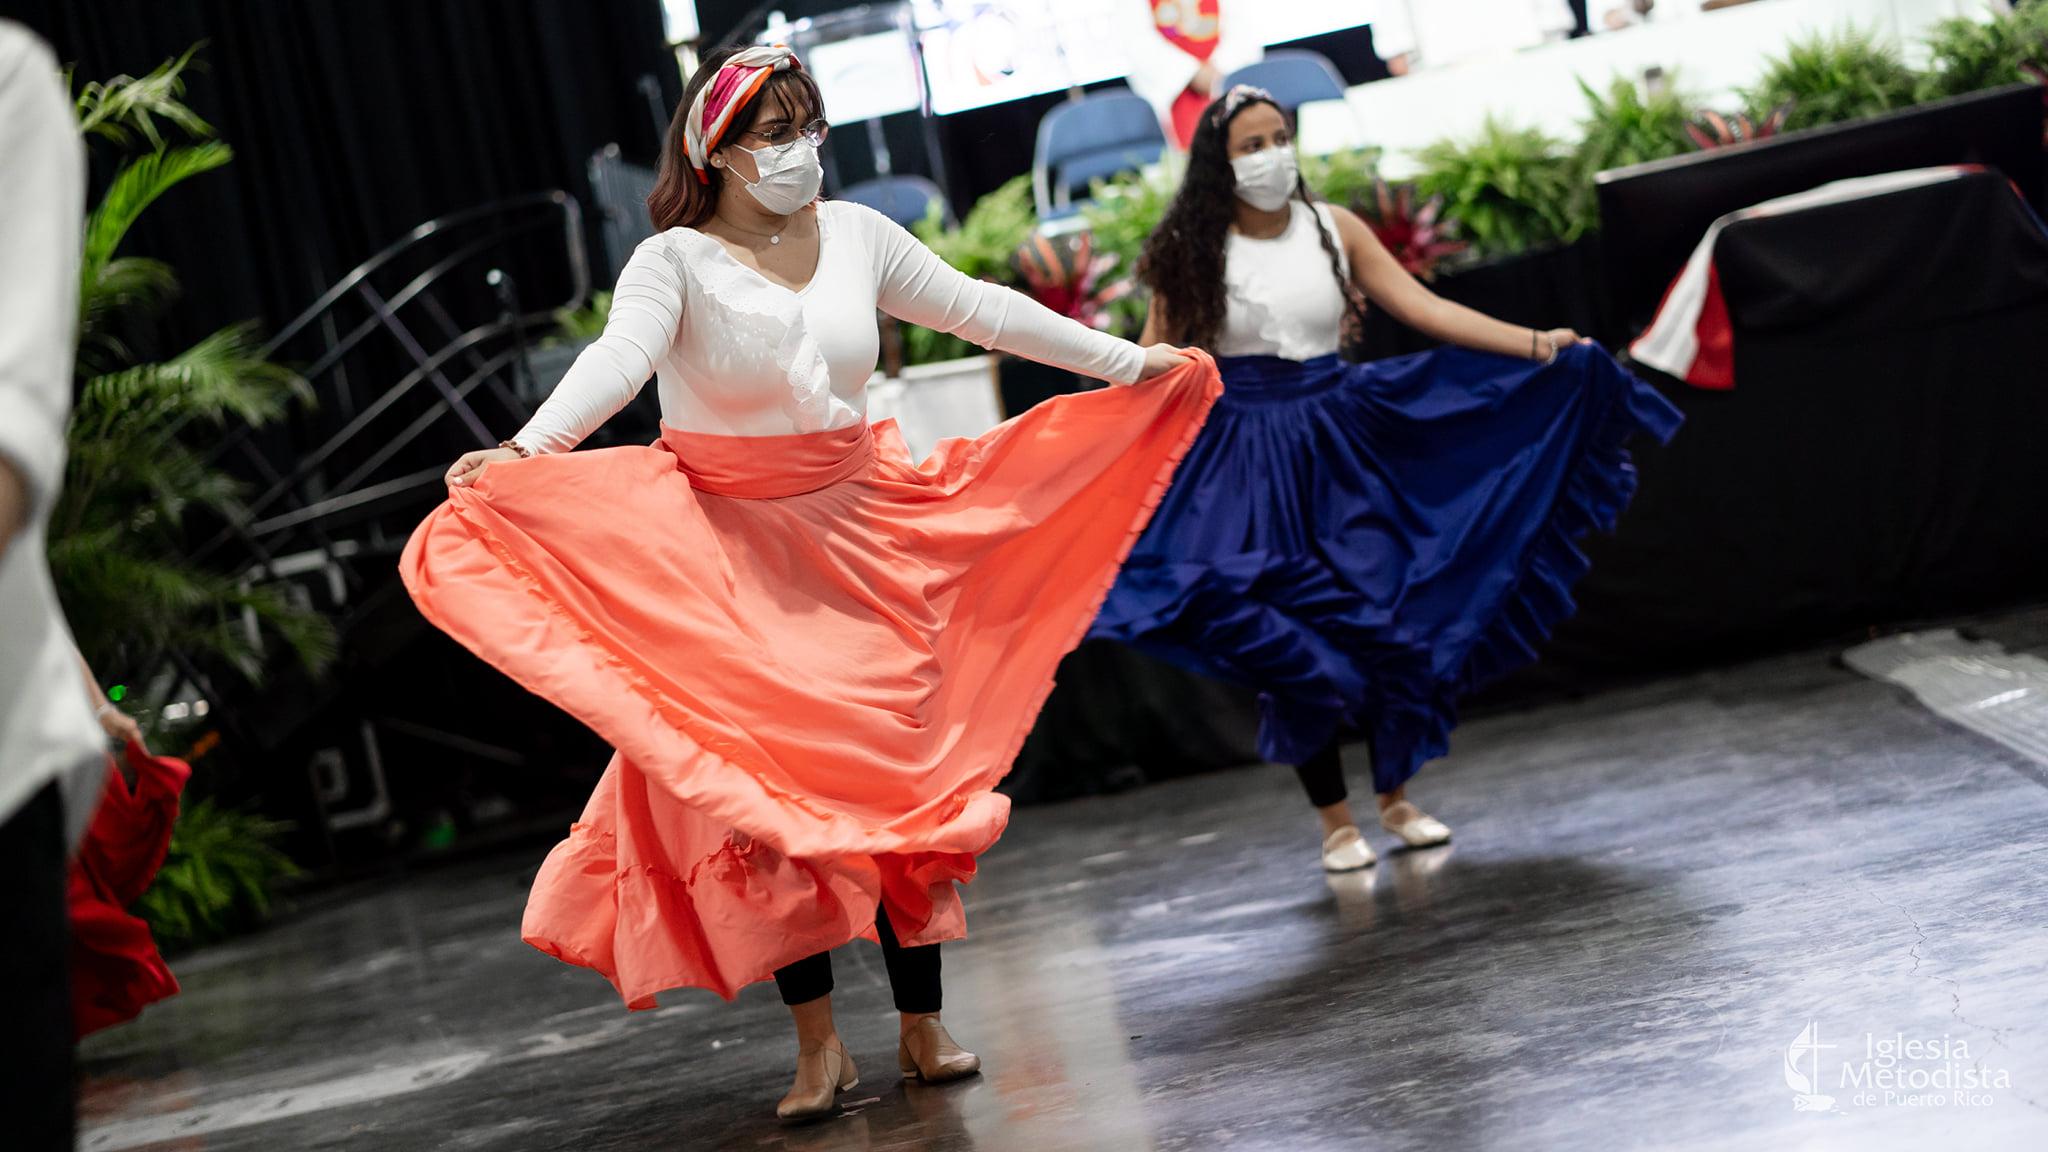 El servicio de apertura estuvo enriquecido con diversas expresiones litúrgicas enraizadas en expresiones  culturales nacionales puertorriqueñas. Foto Iglesia Metodista de Puerto Rico.